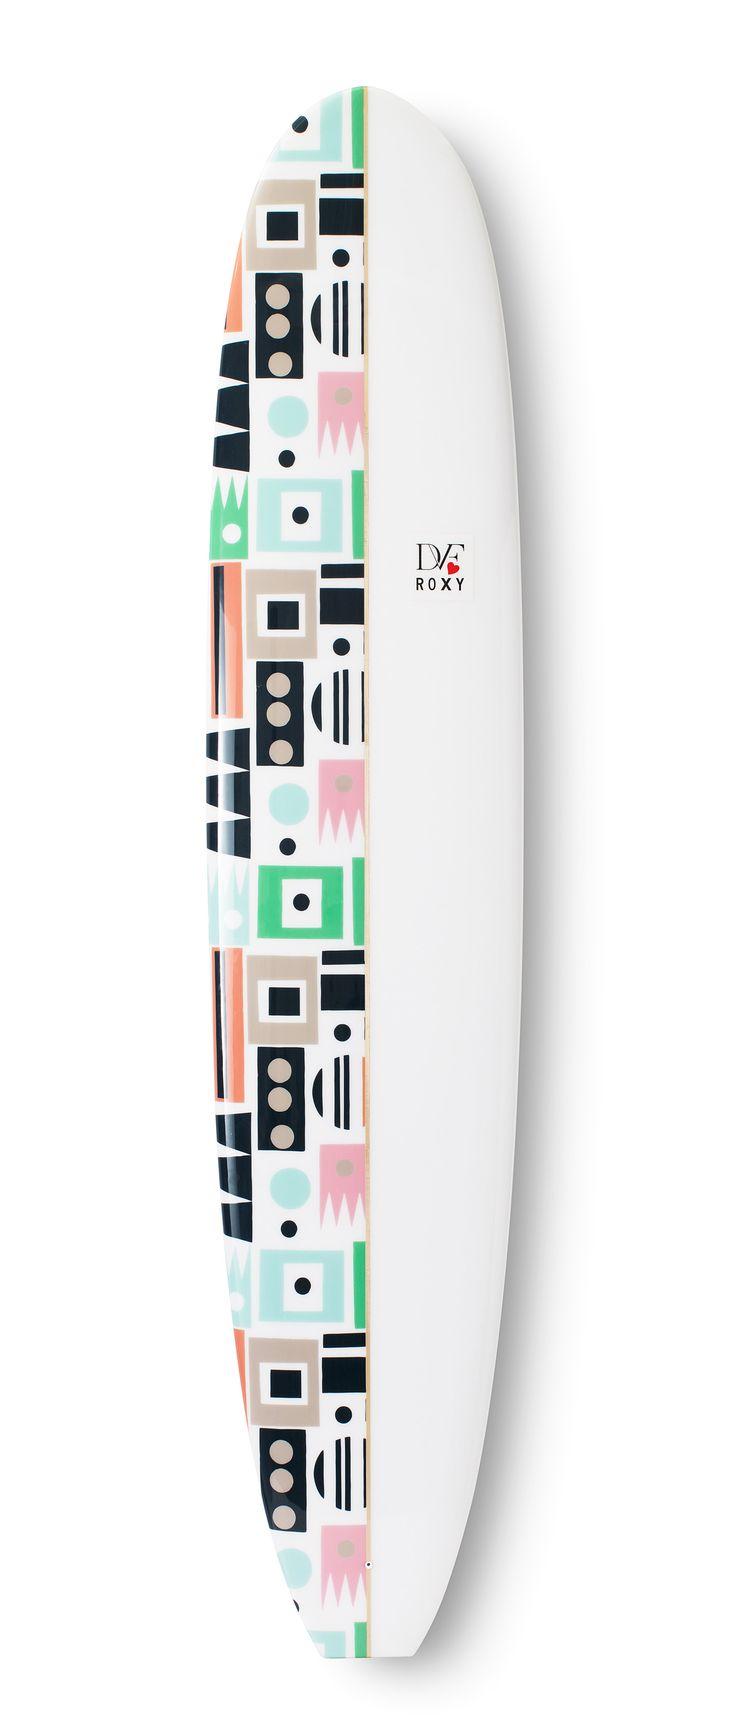 Limited Edition #DVFlovesROXY Hopscotch board @DVF